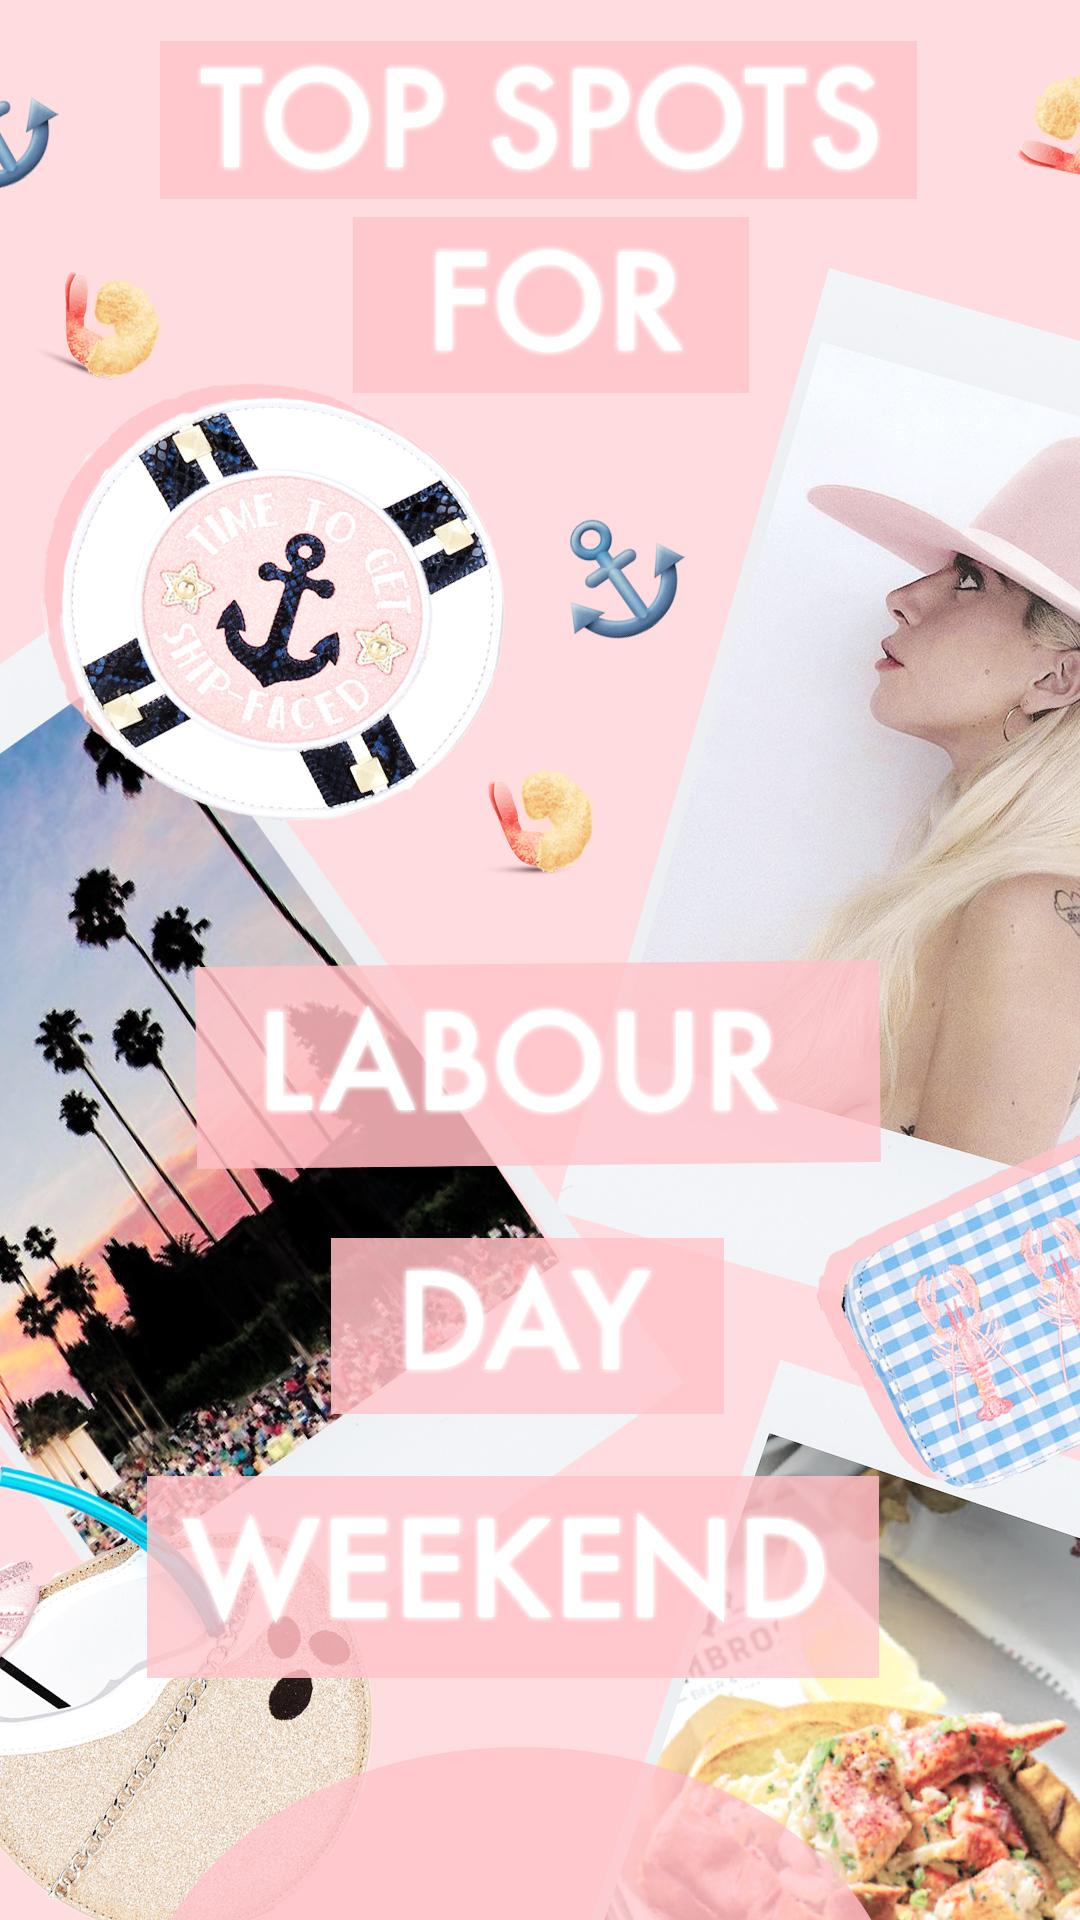 Labour Day Weekend Insta.jpg